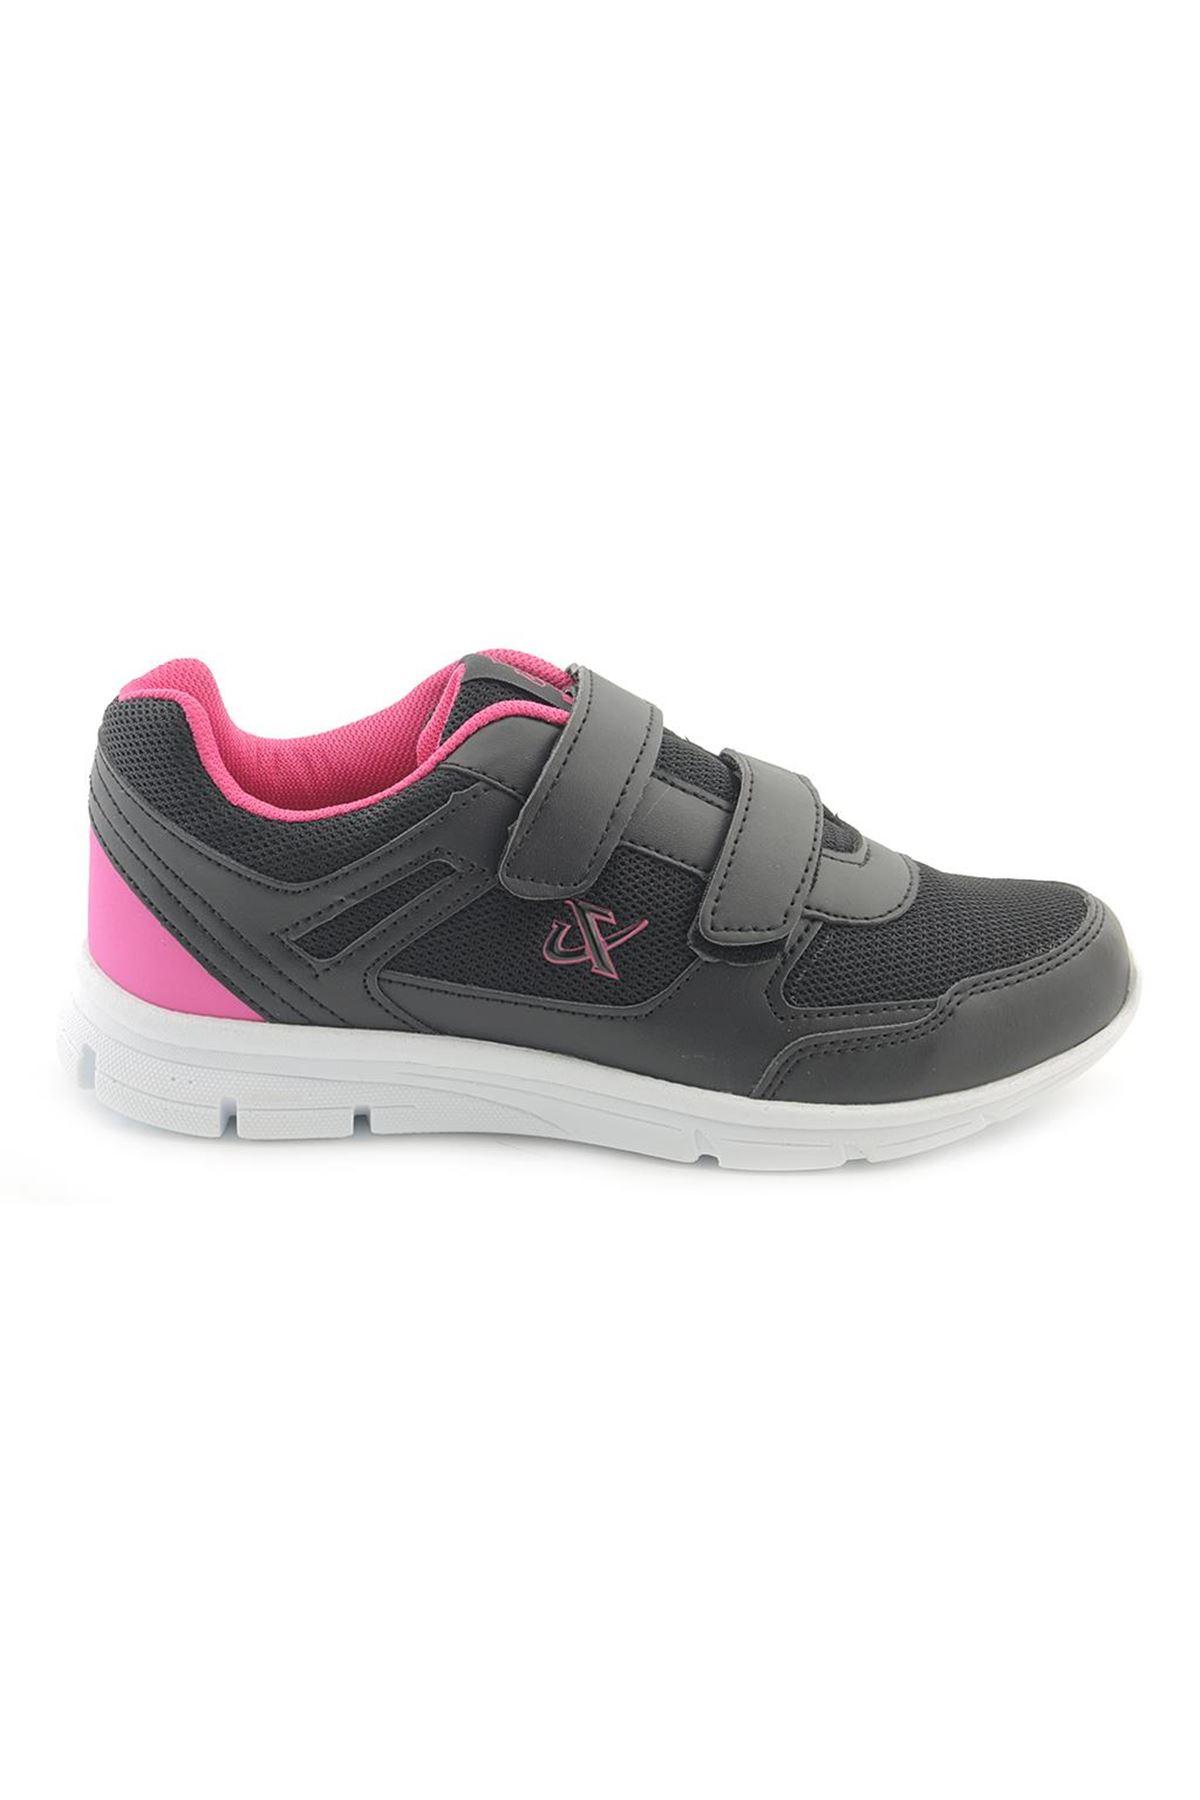 Str S5411 Cırtlı Unisex Spor Ayakkabı